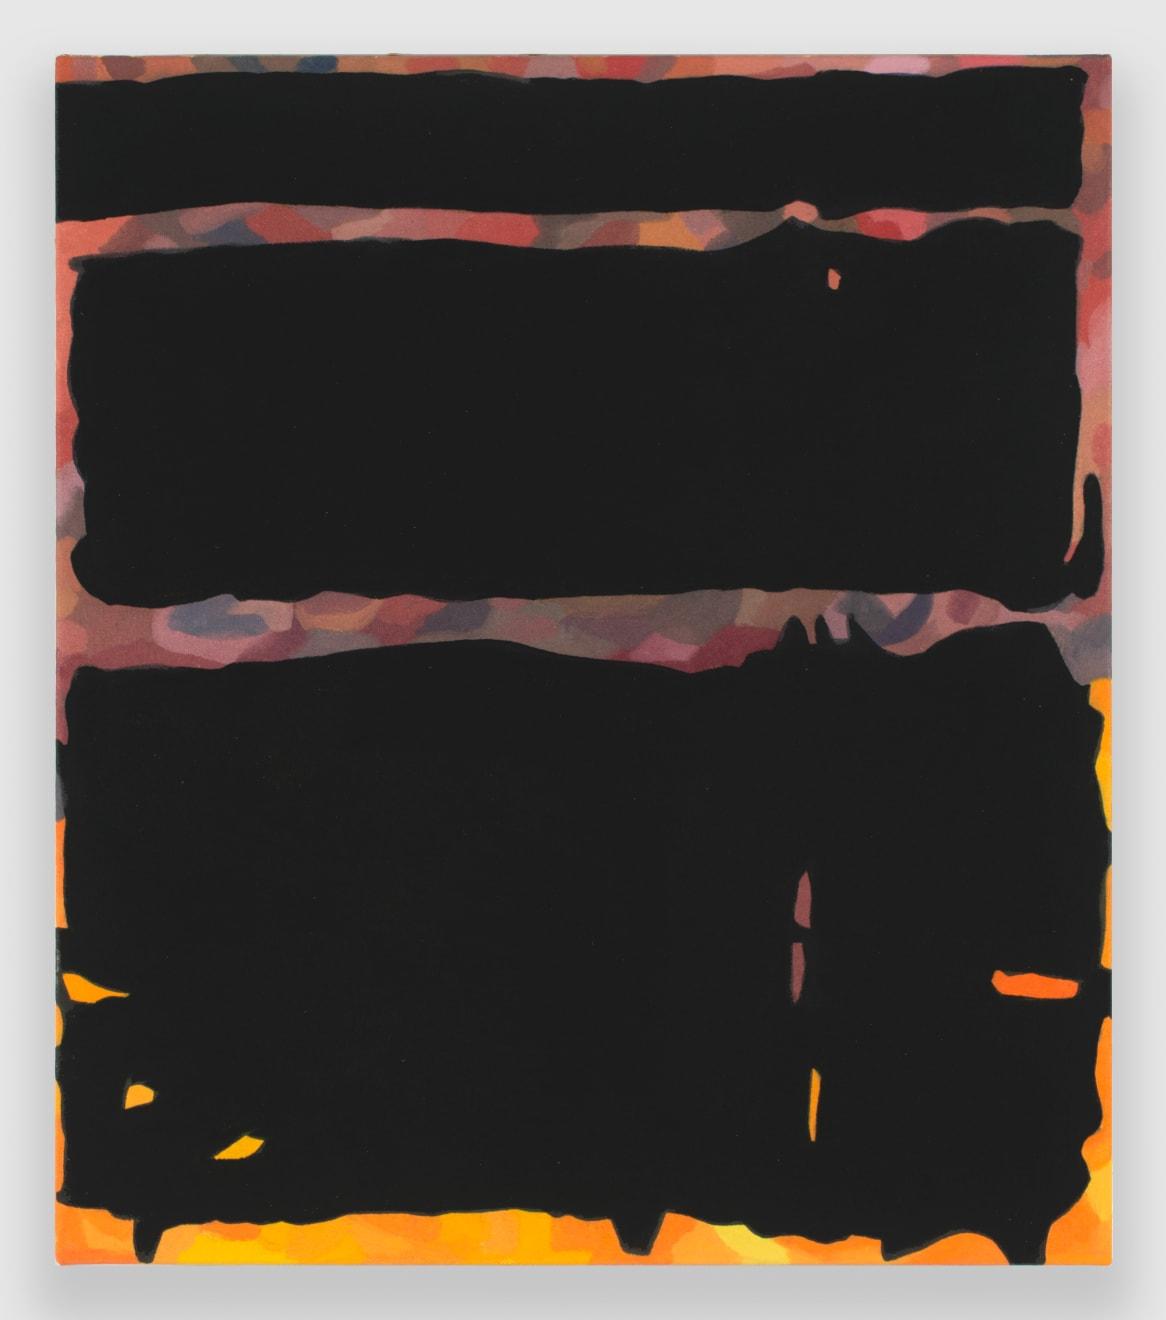 Rob Ventura, Dark Matter III, 2015